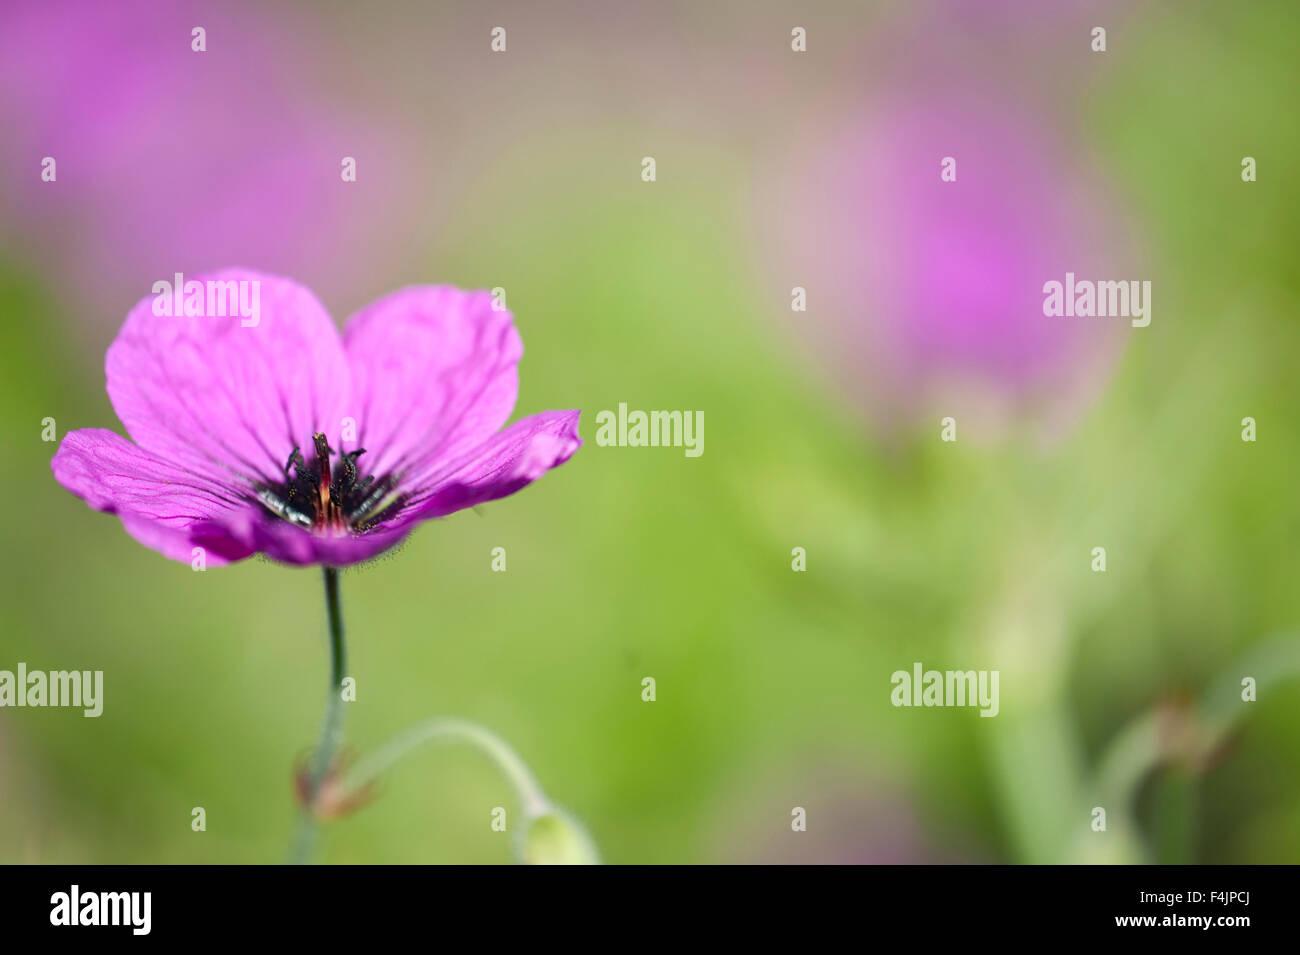 Magenta Geranium flower Geranium psilostemon UK - Stock Image